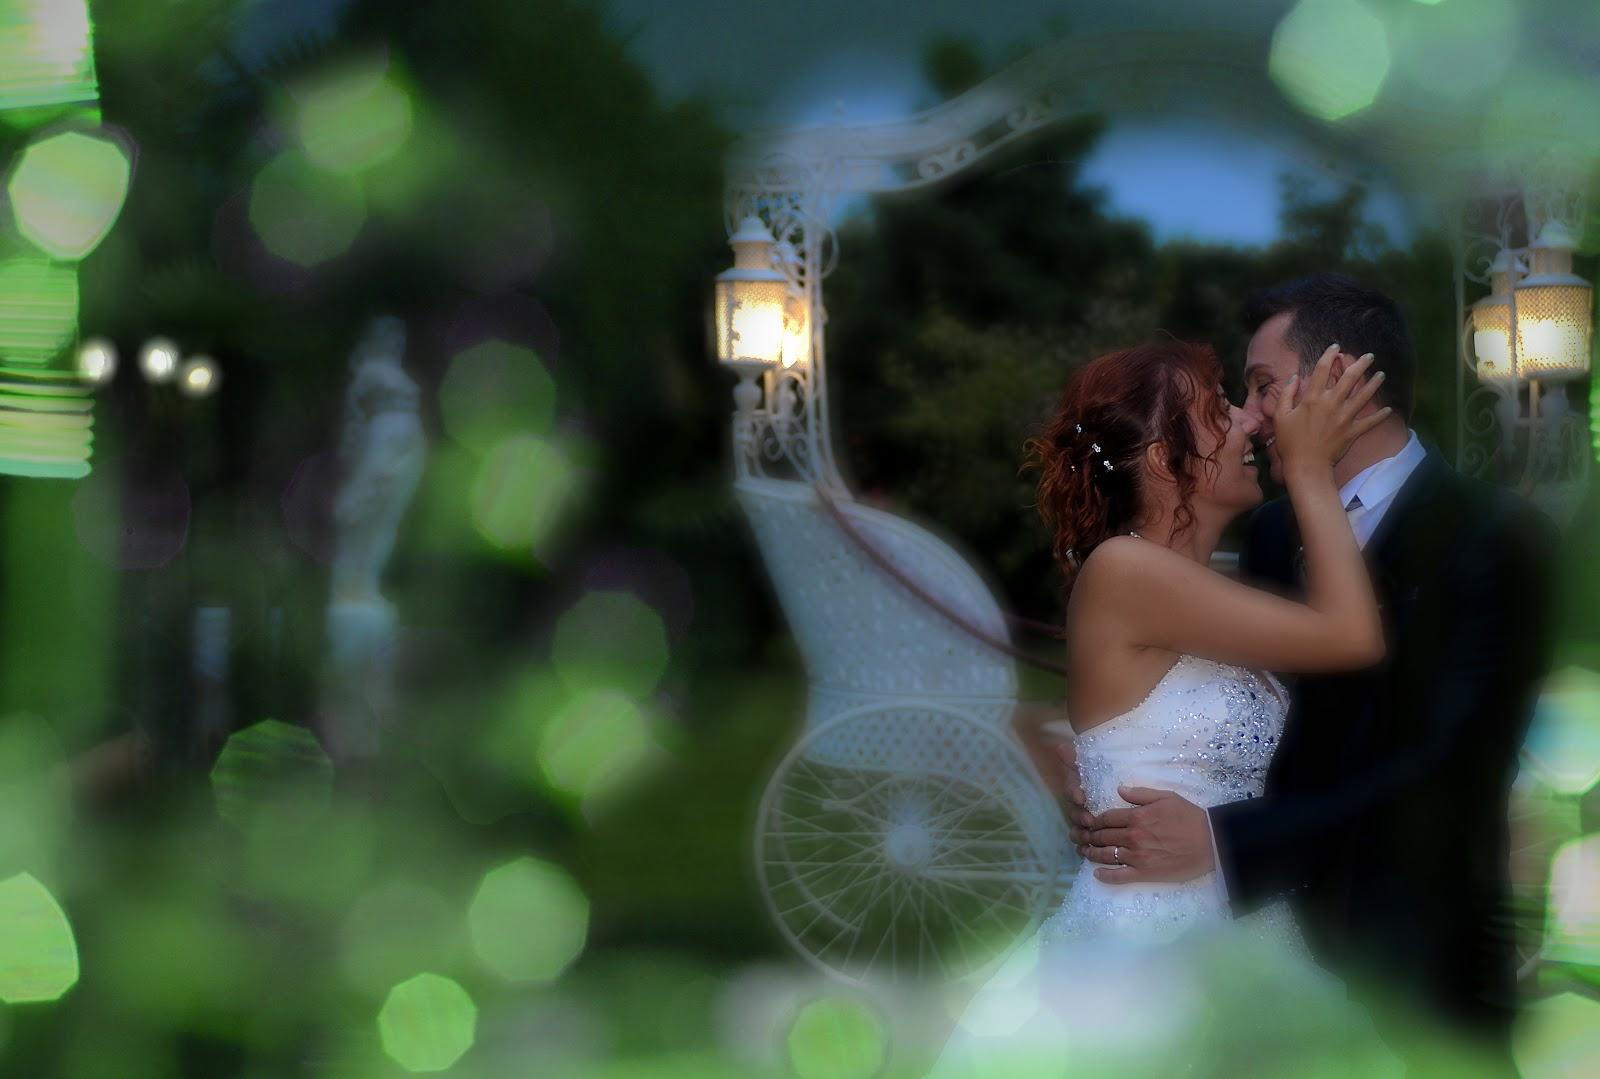 Un abbraccio, un sorriso, mille baci, fra tante luci colorate. La gioia della festa #fotografodimatrimonio